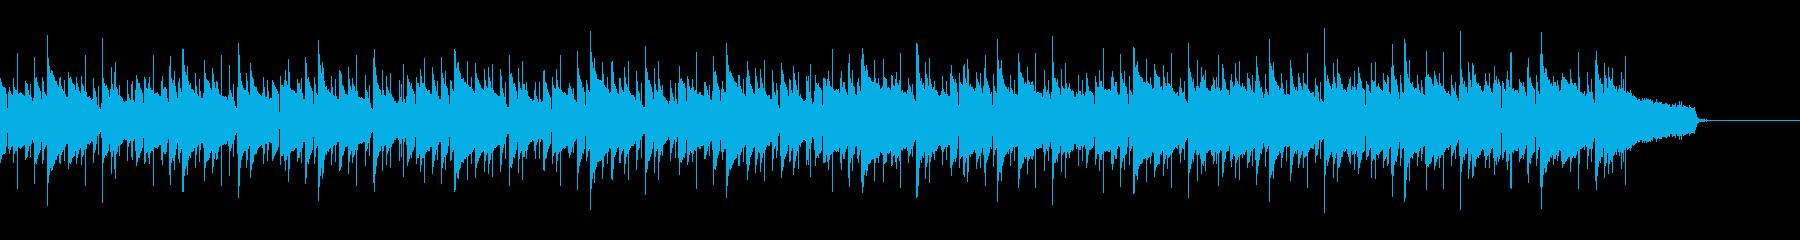 おしゃれカフェのボサノバ風ウクレレポップの再生済みの波形